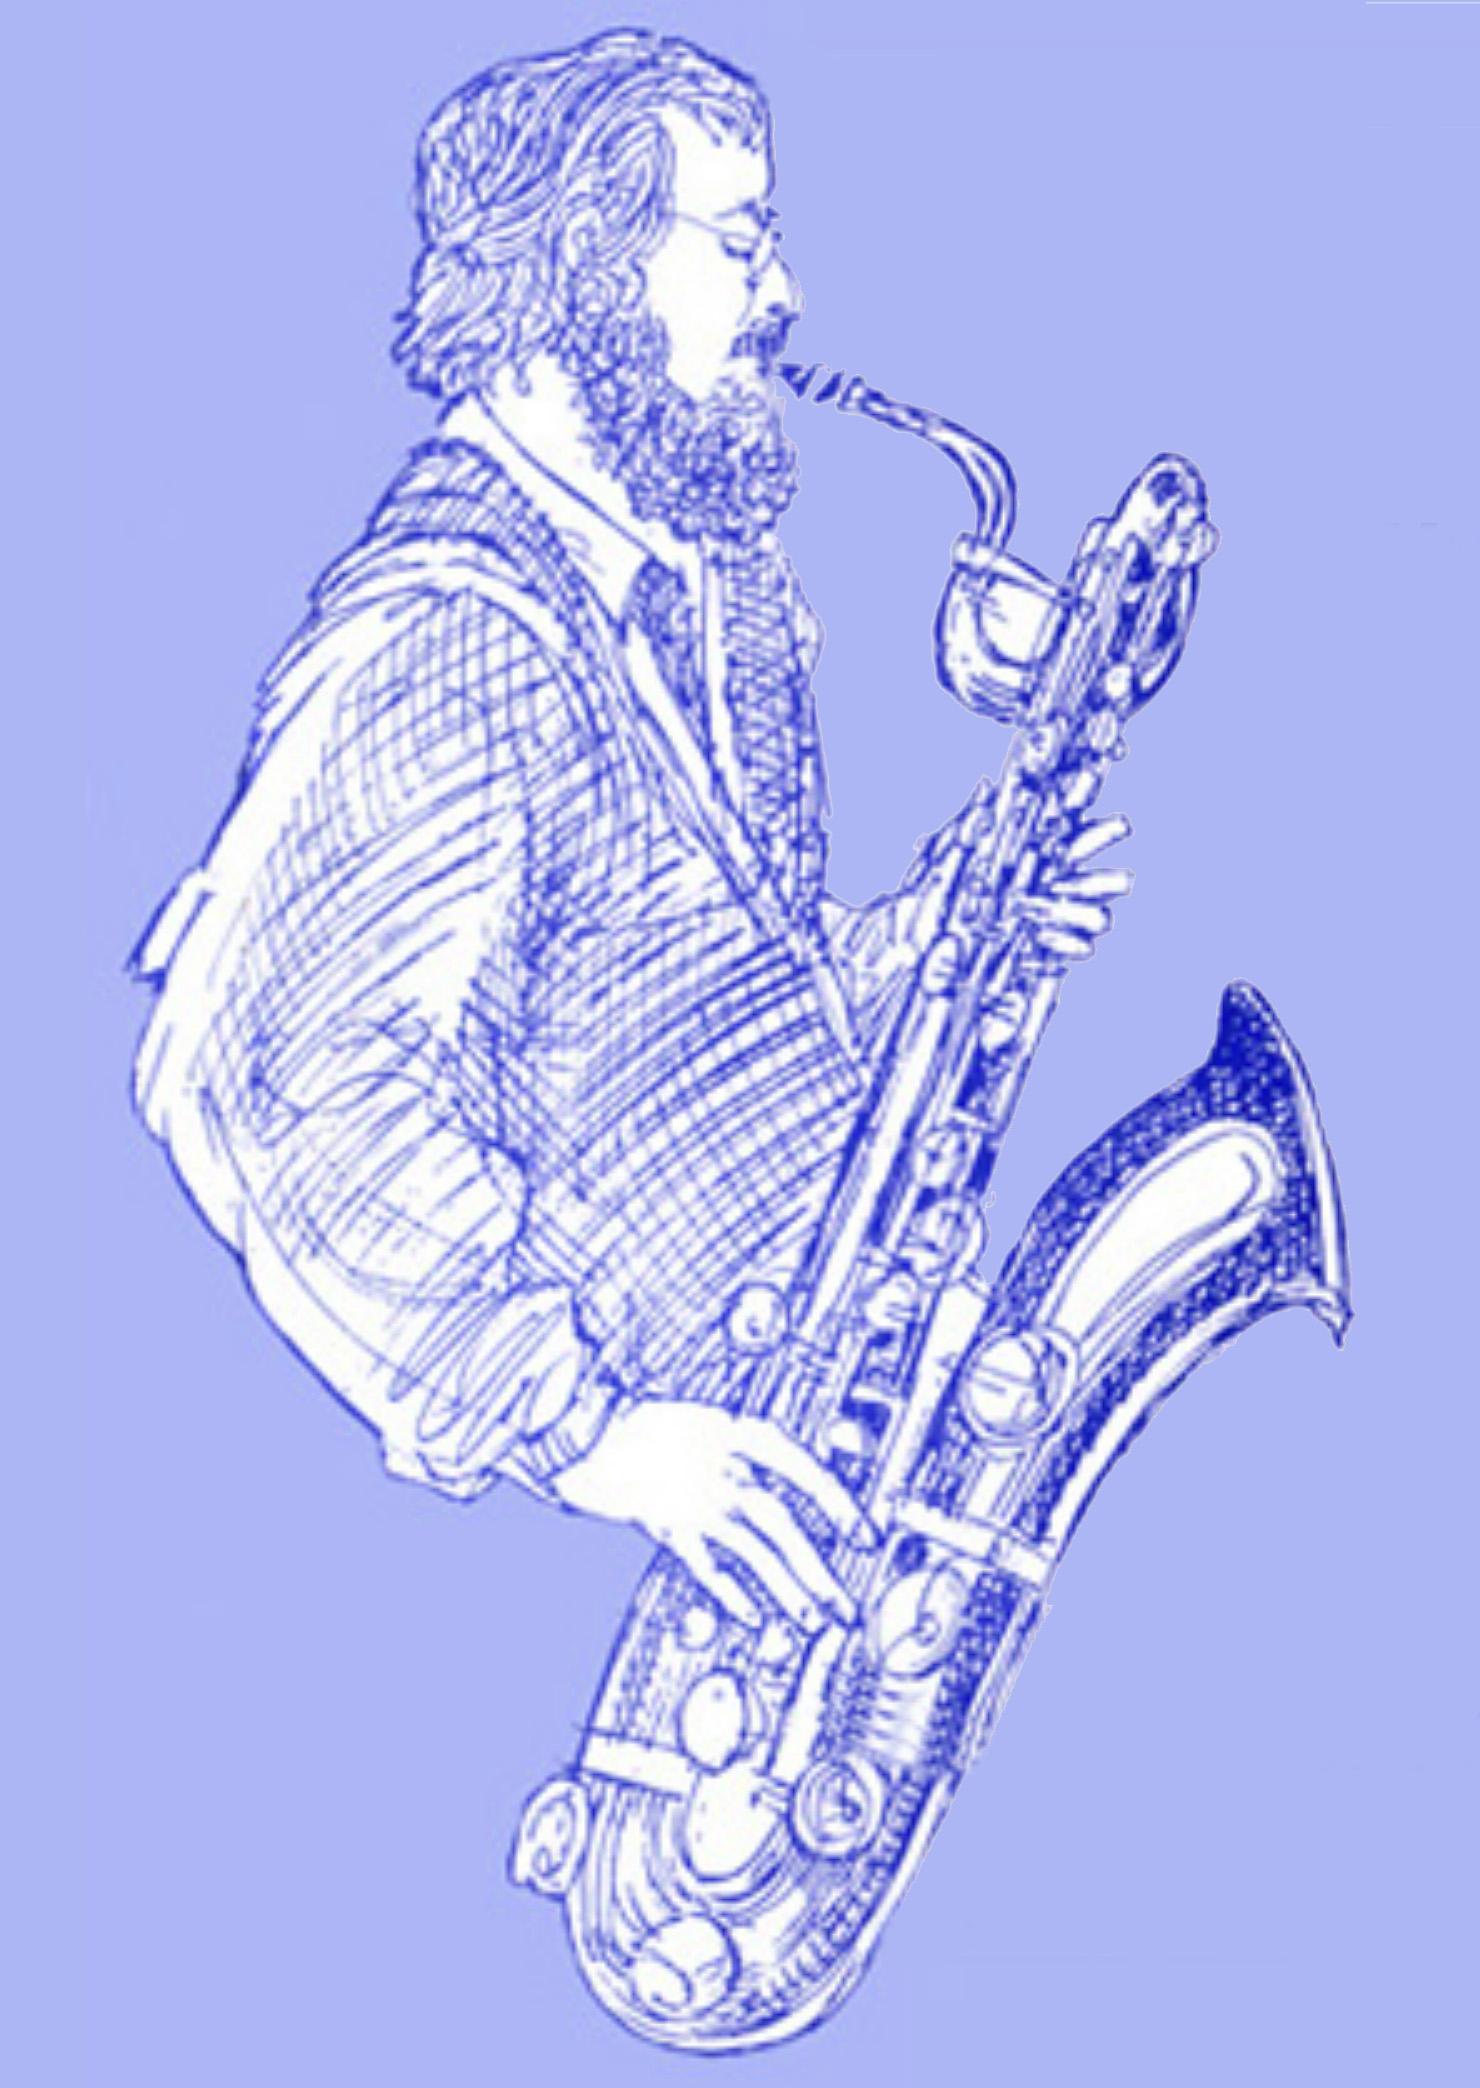 sketch of John